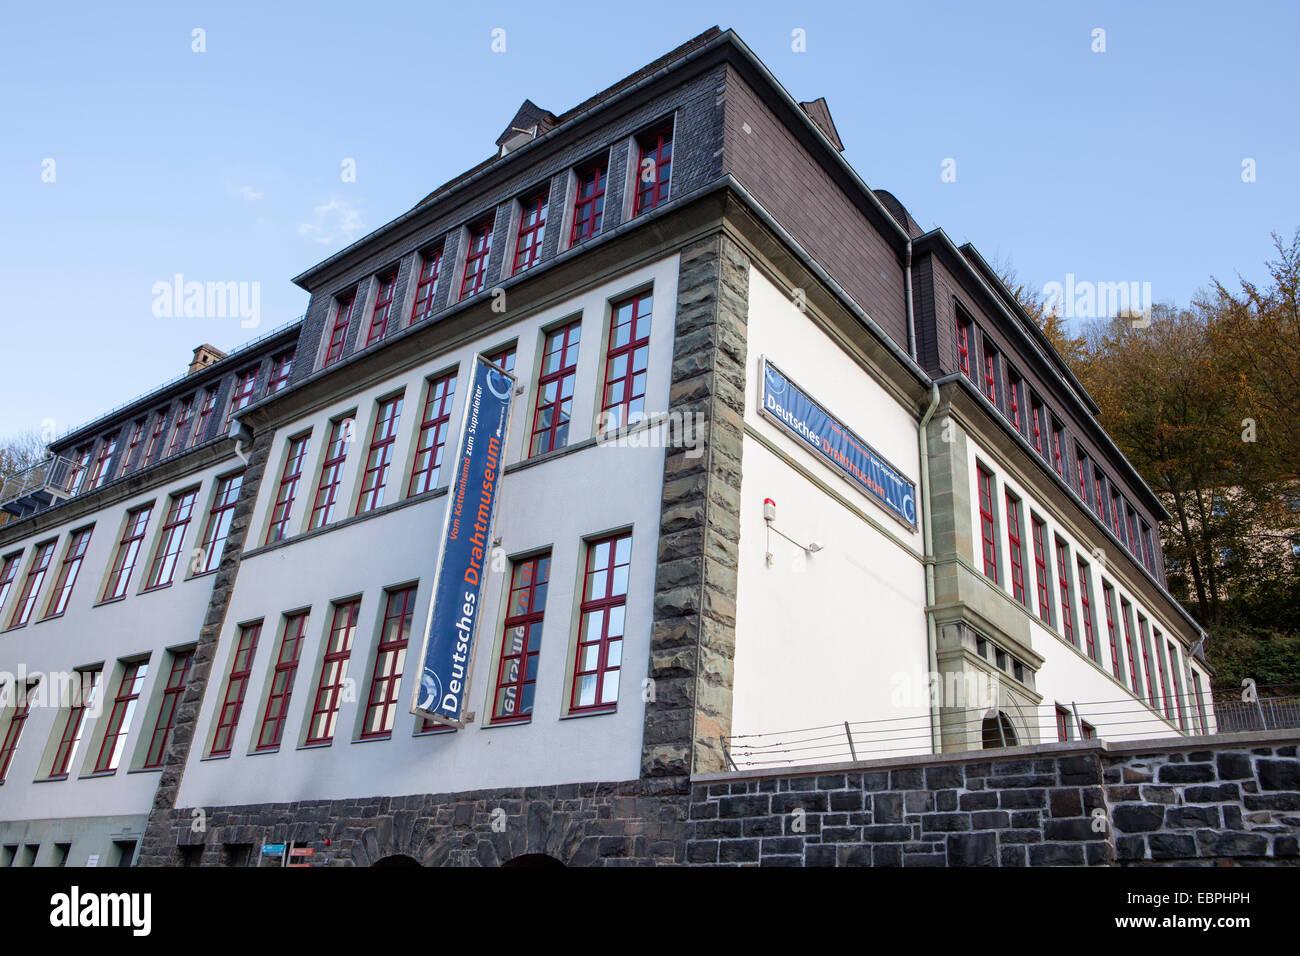 The German Wire Museum, Altena, Lennetal, Maerkischer Kreis, Sauerland, North Rhine-Westphalia, Germany, Europe, - Stock Image